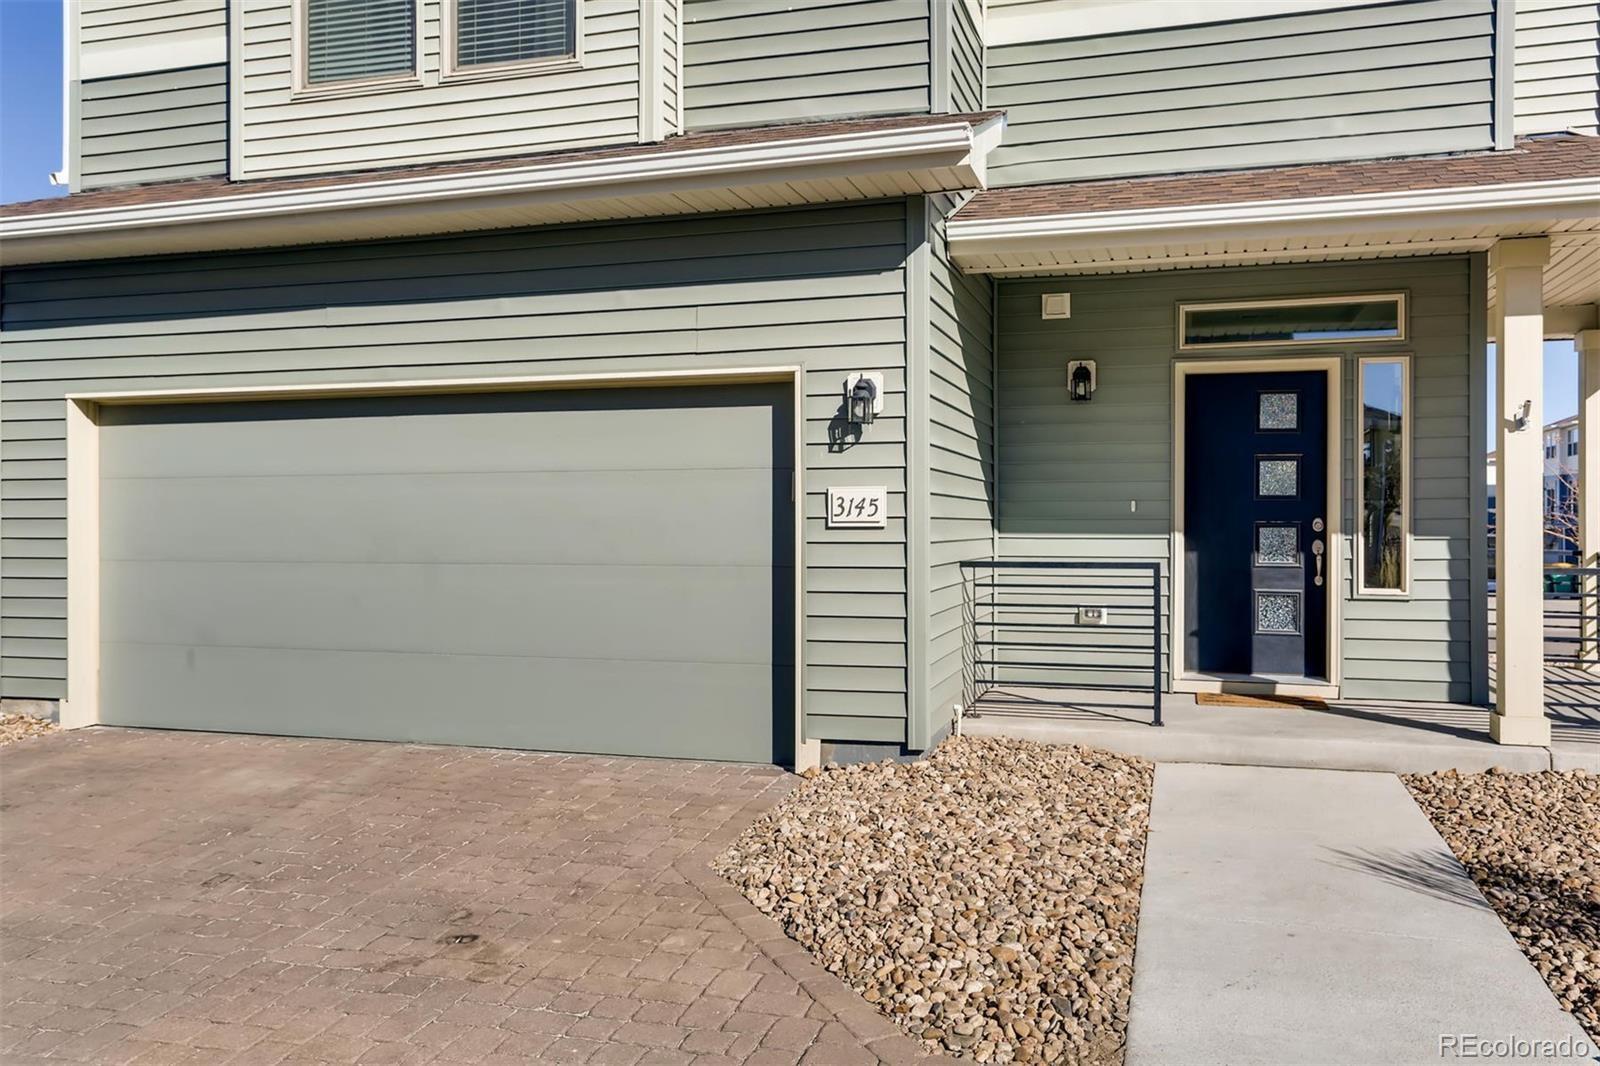 MLS# 3922146 - 4 - 3145 Hardin Street, Castle Rock, CO 80109